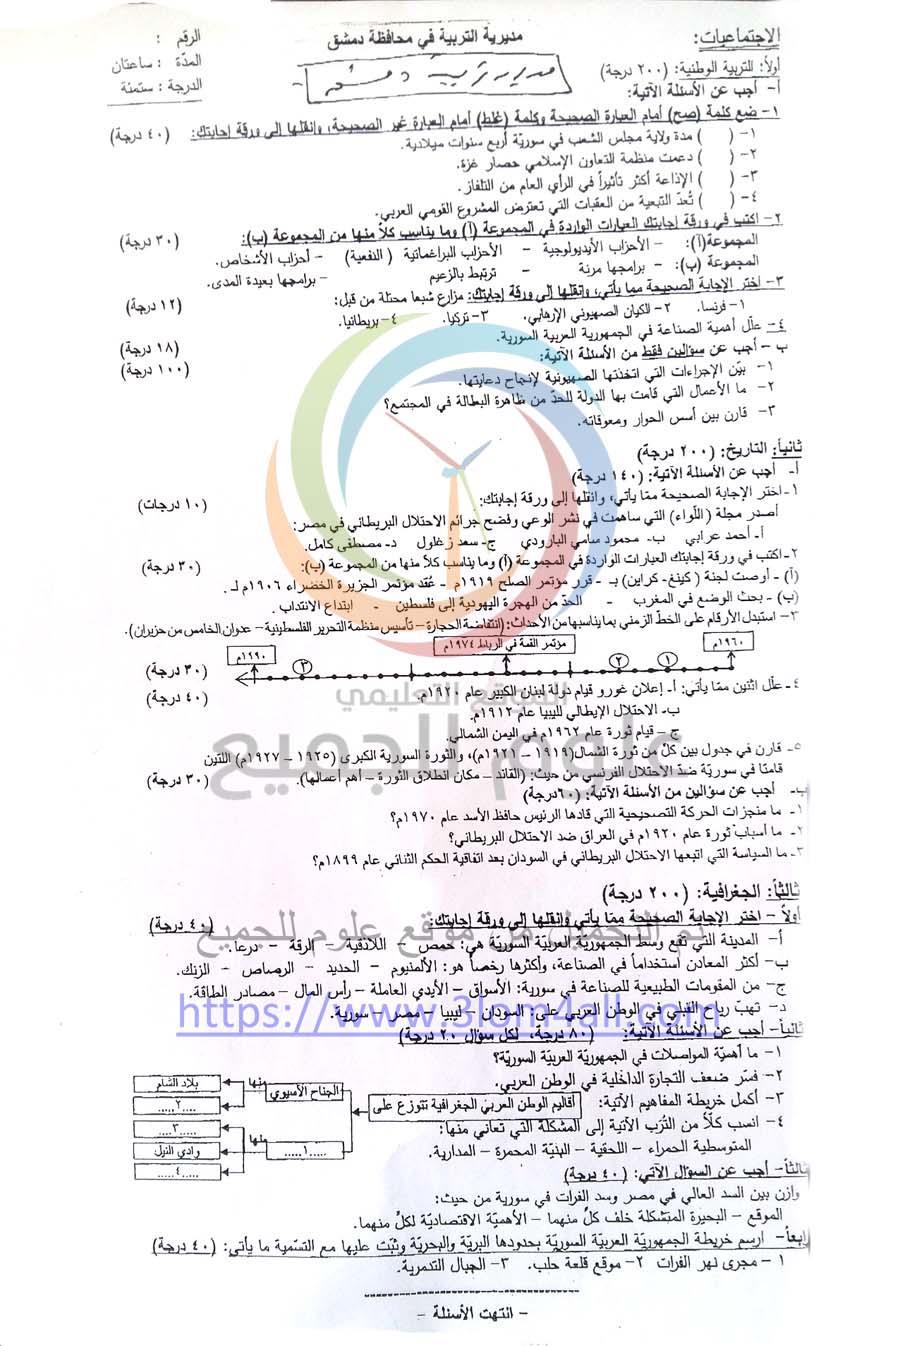 اسئلة دمشق مع الحل - ورقة اسئلة الامتحان النهائي لمادة الاجتماعيات الصف التاسع 2018